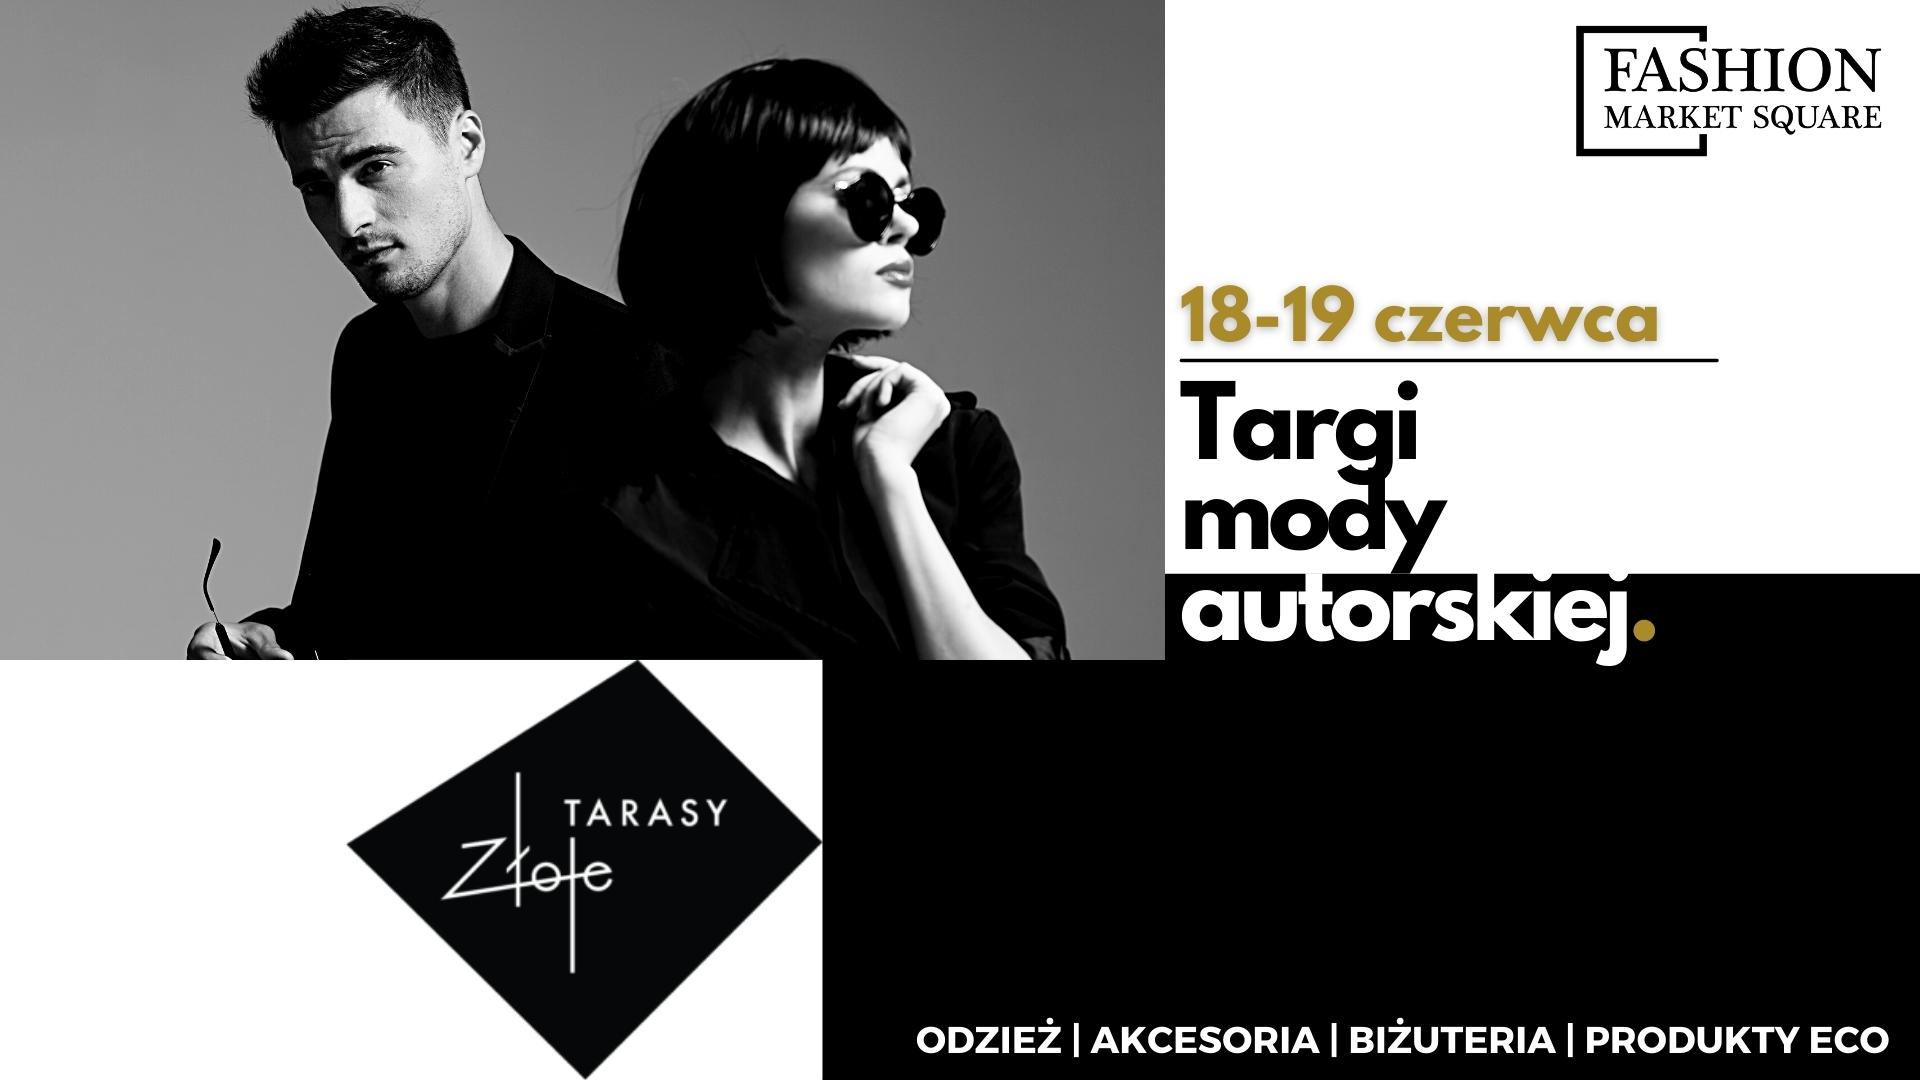 Fashion Market Square w Złotych Tarasach w dniach 18-19 czerwca!